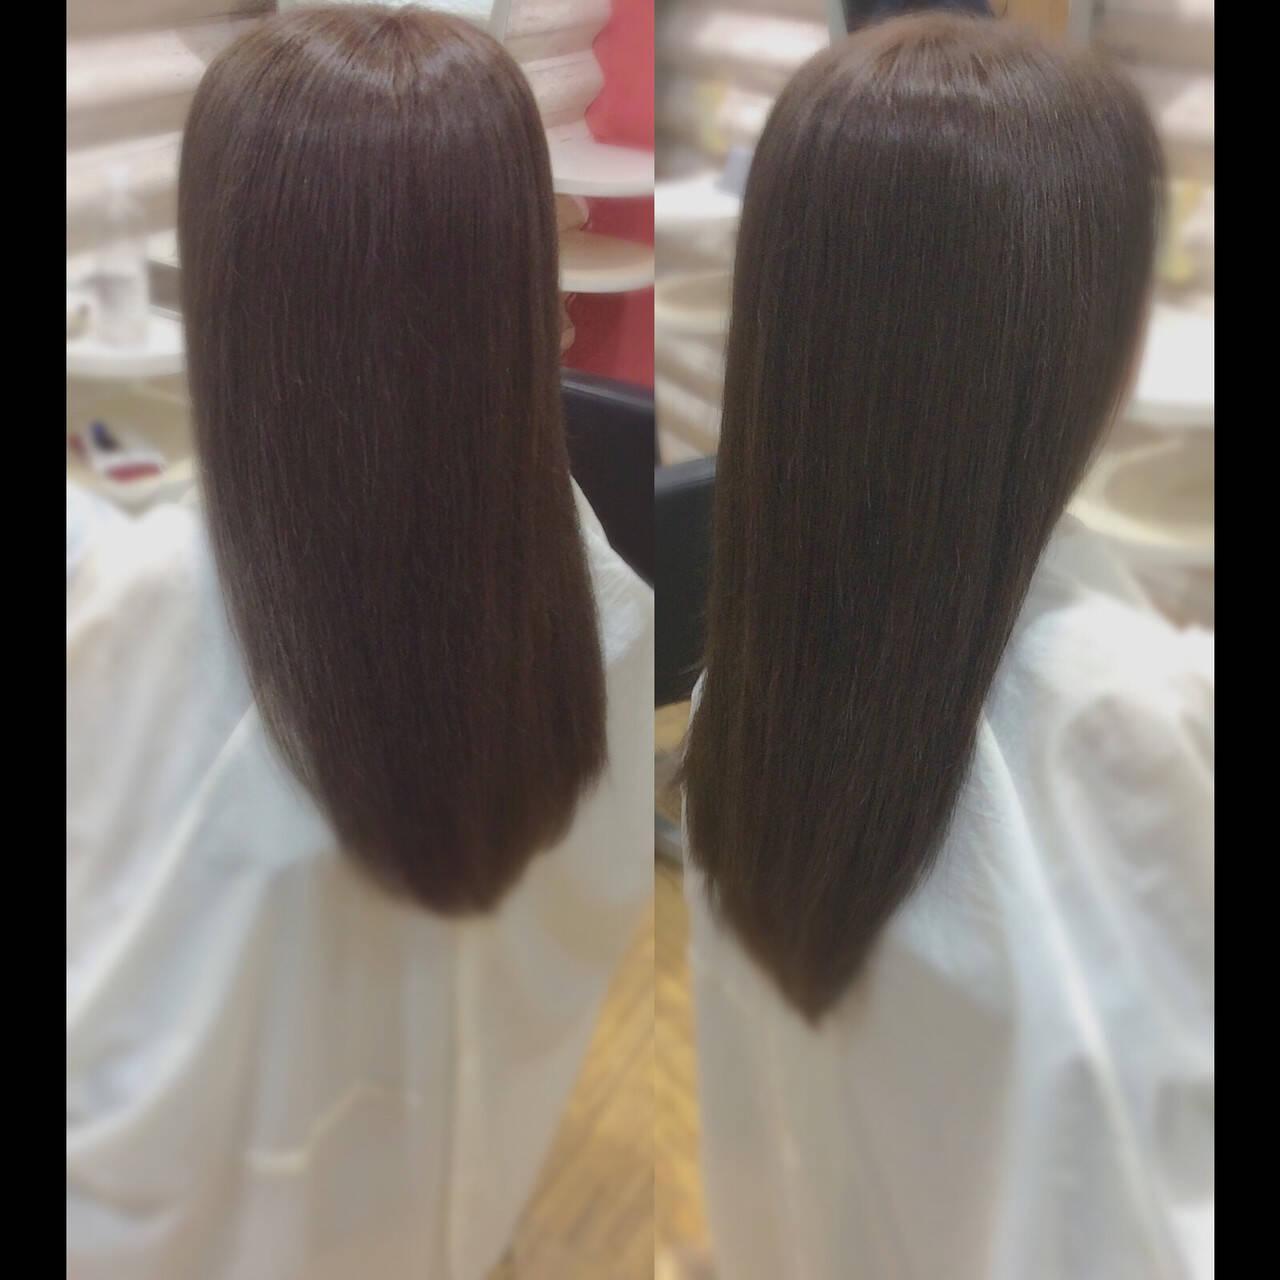 髪質改善 ロング ロングヘアスタイル ロングヘアヘアスタイルや髪型の写真・画像